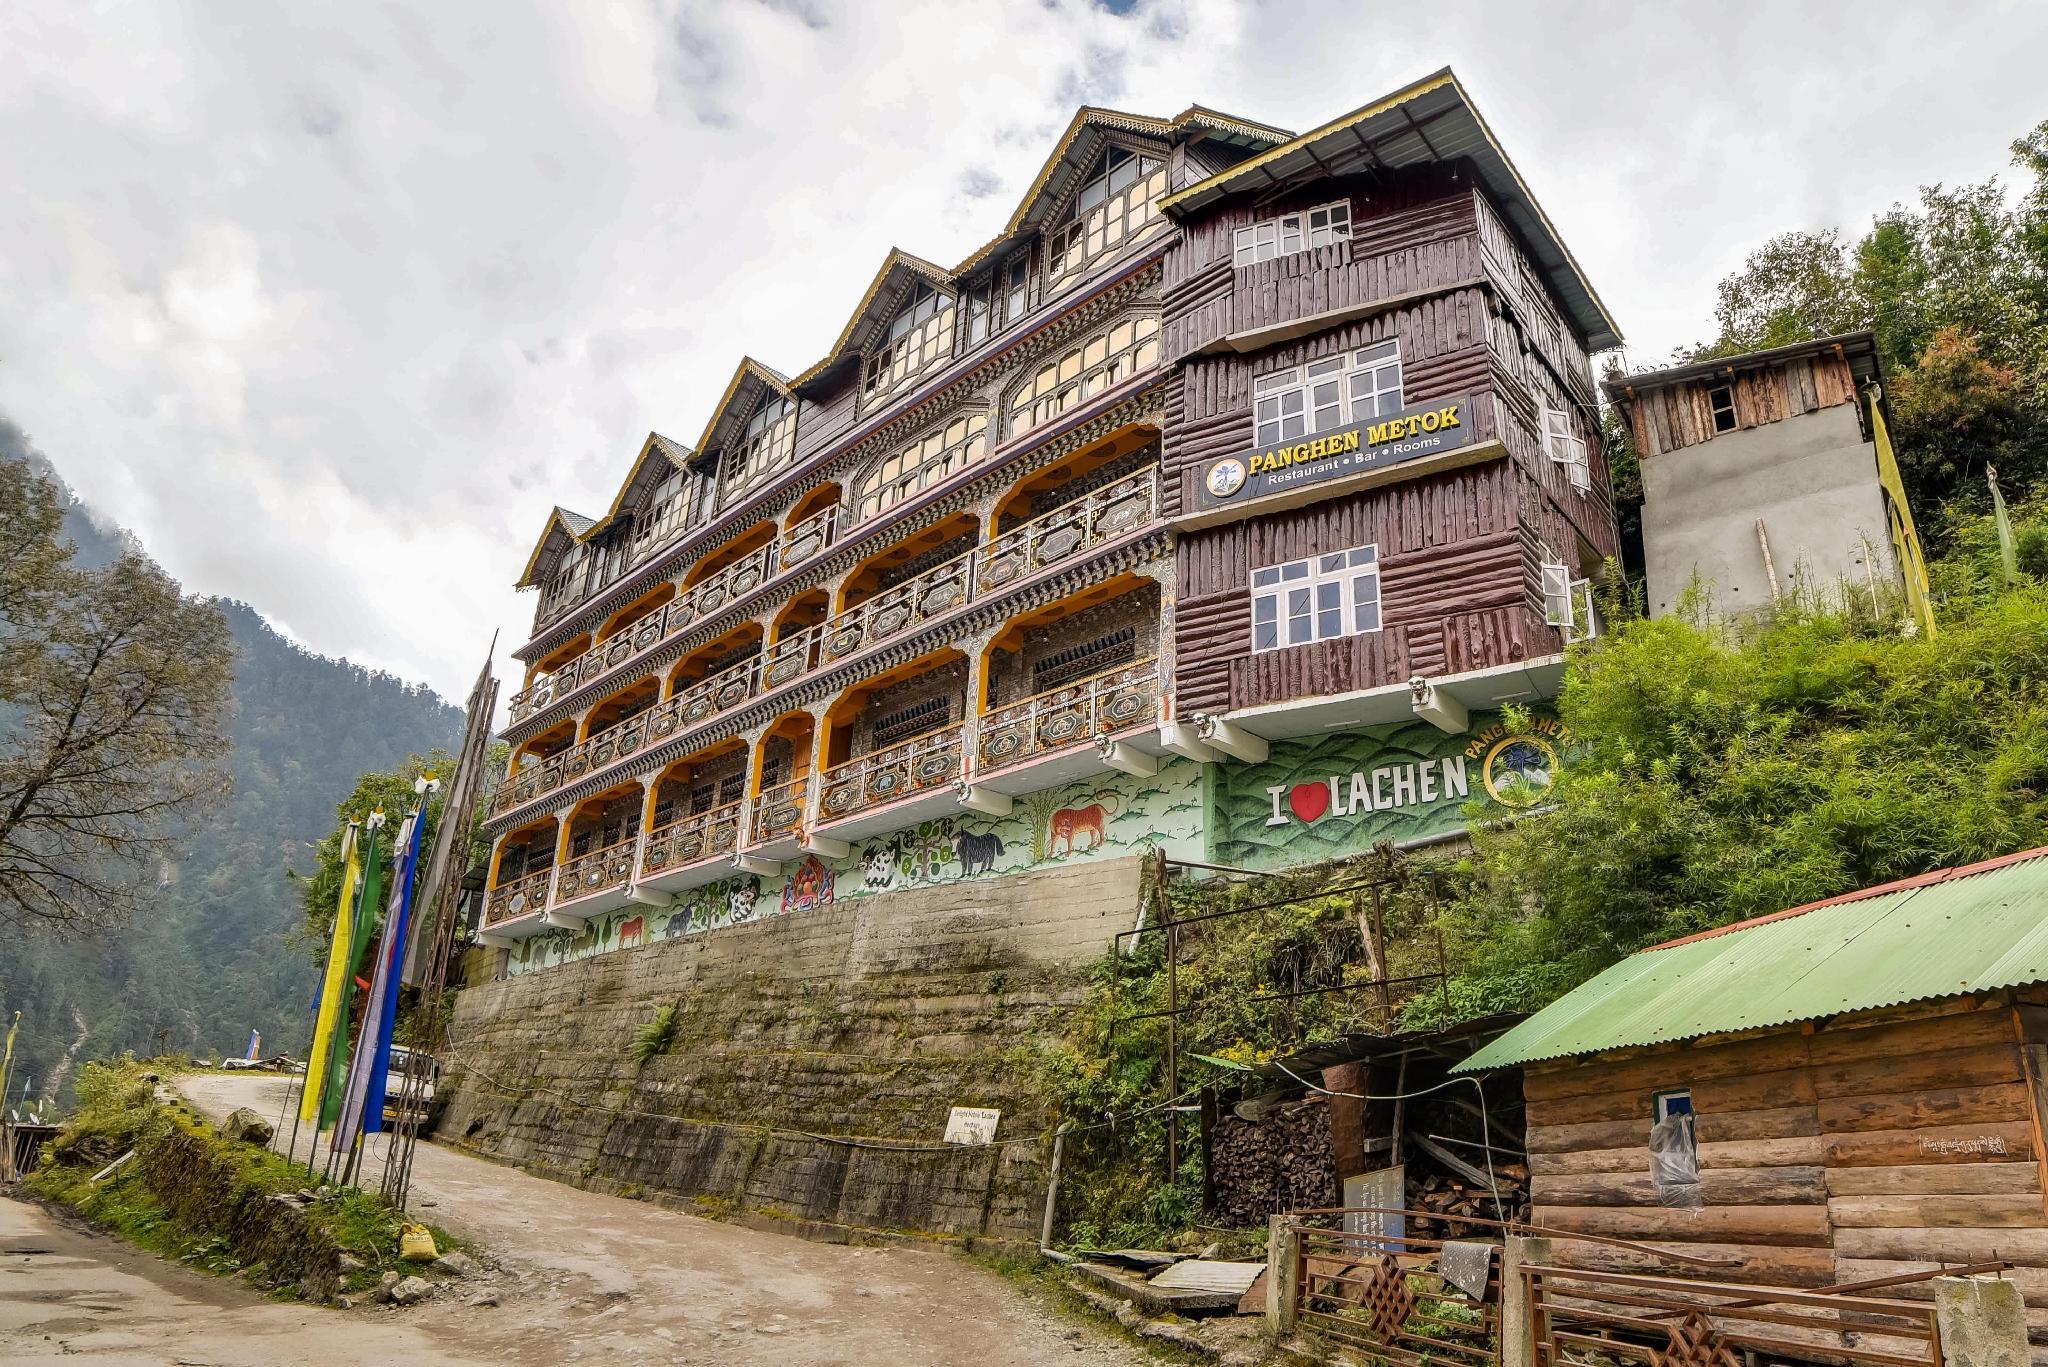 Summit Panghen Metok Hotel Lachen